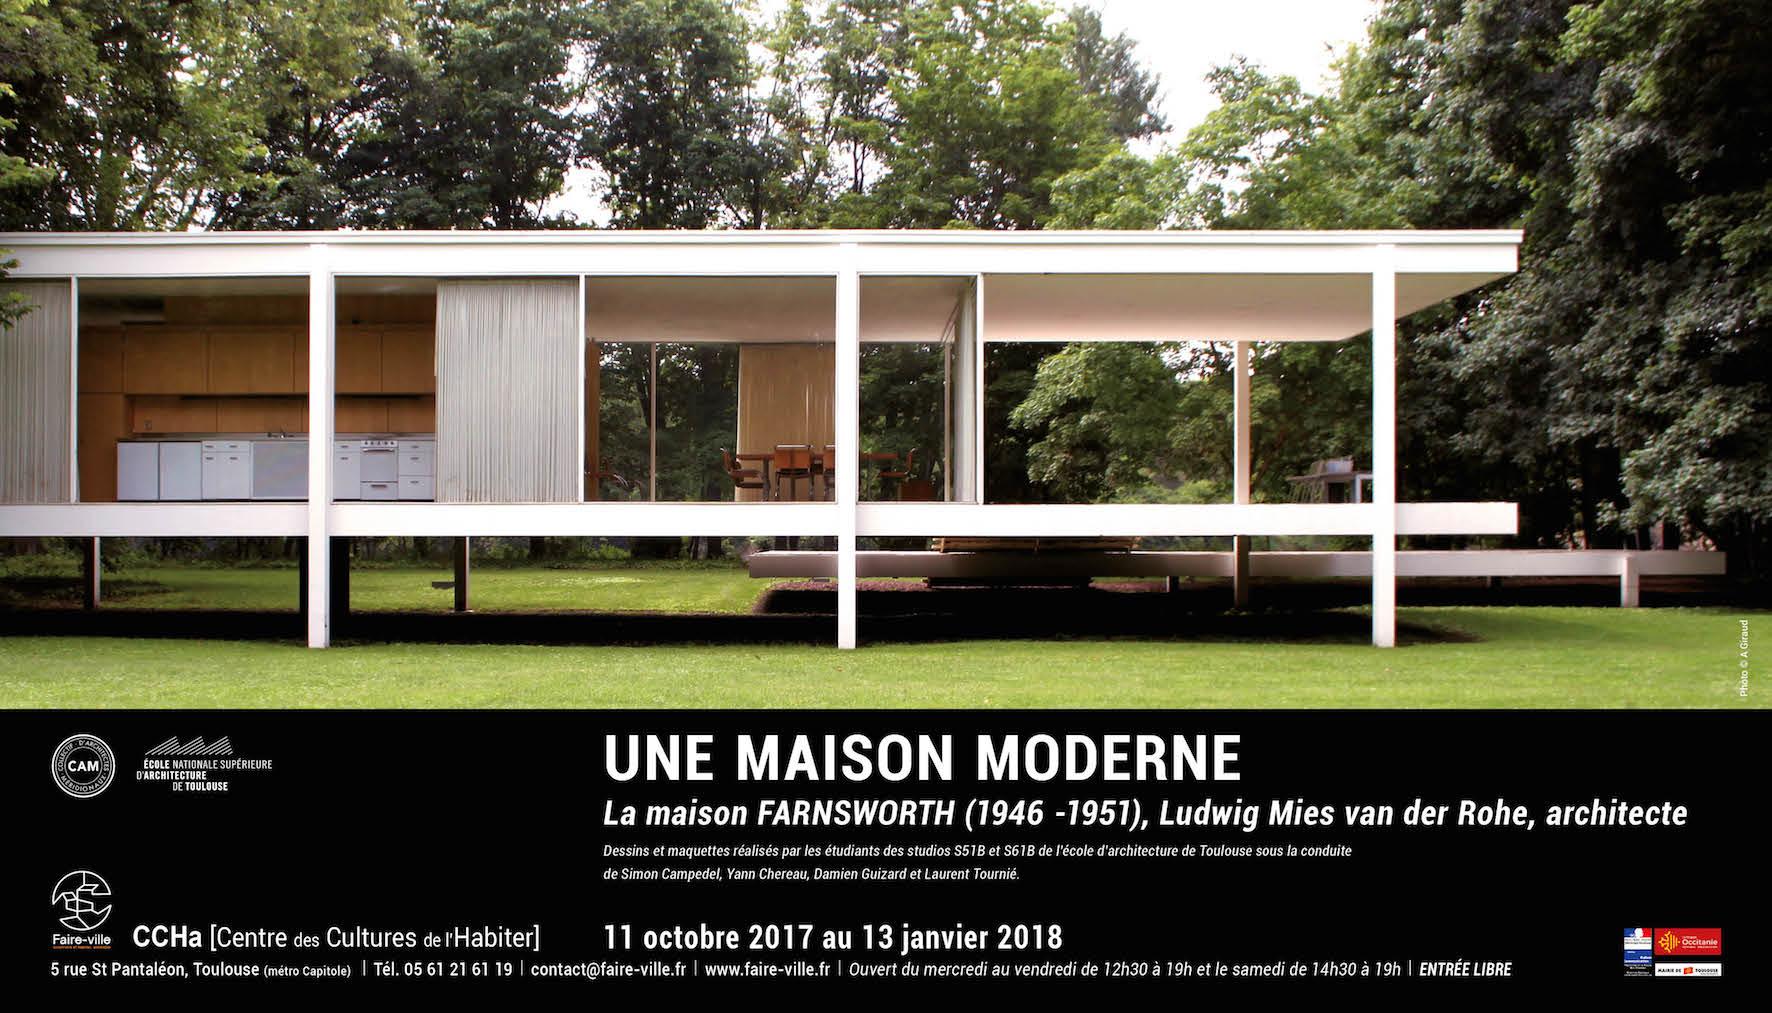 une maison moderne la maison farnsworth 1946 1951 ludwig mies van der rohe architecte. Black Bedroom Furniture Sets. Home Design Ideas